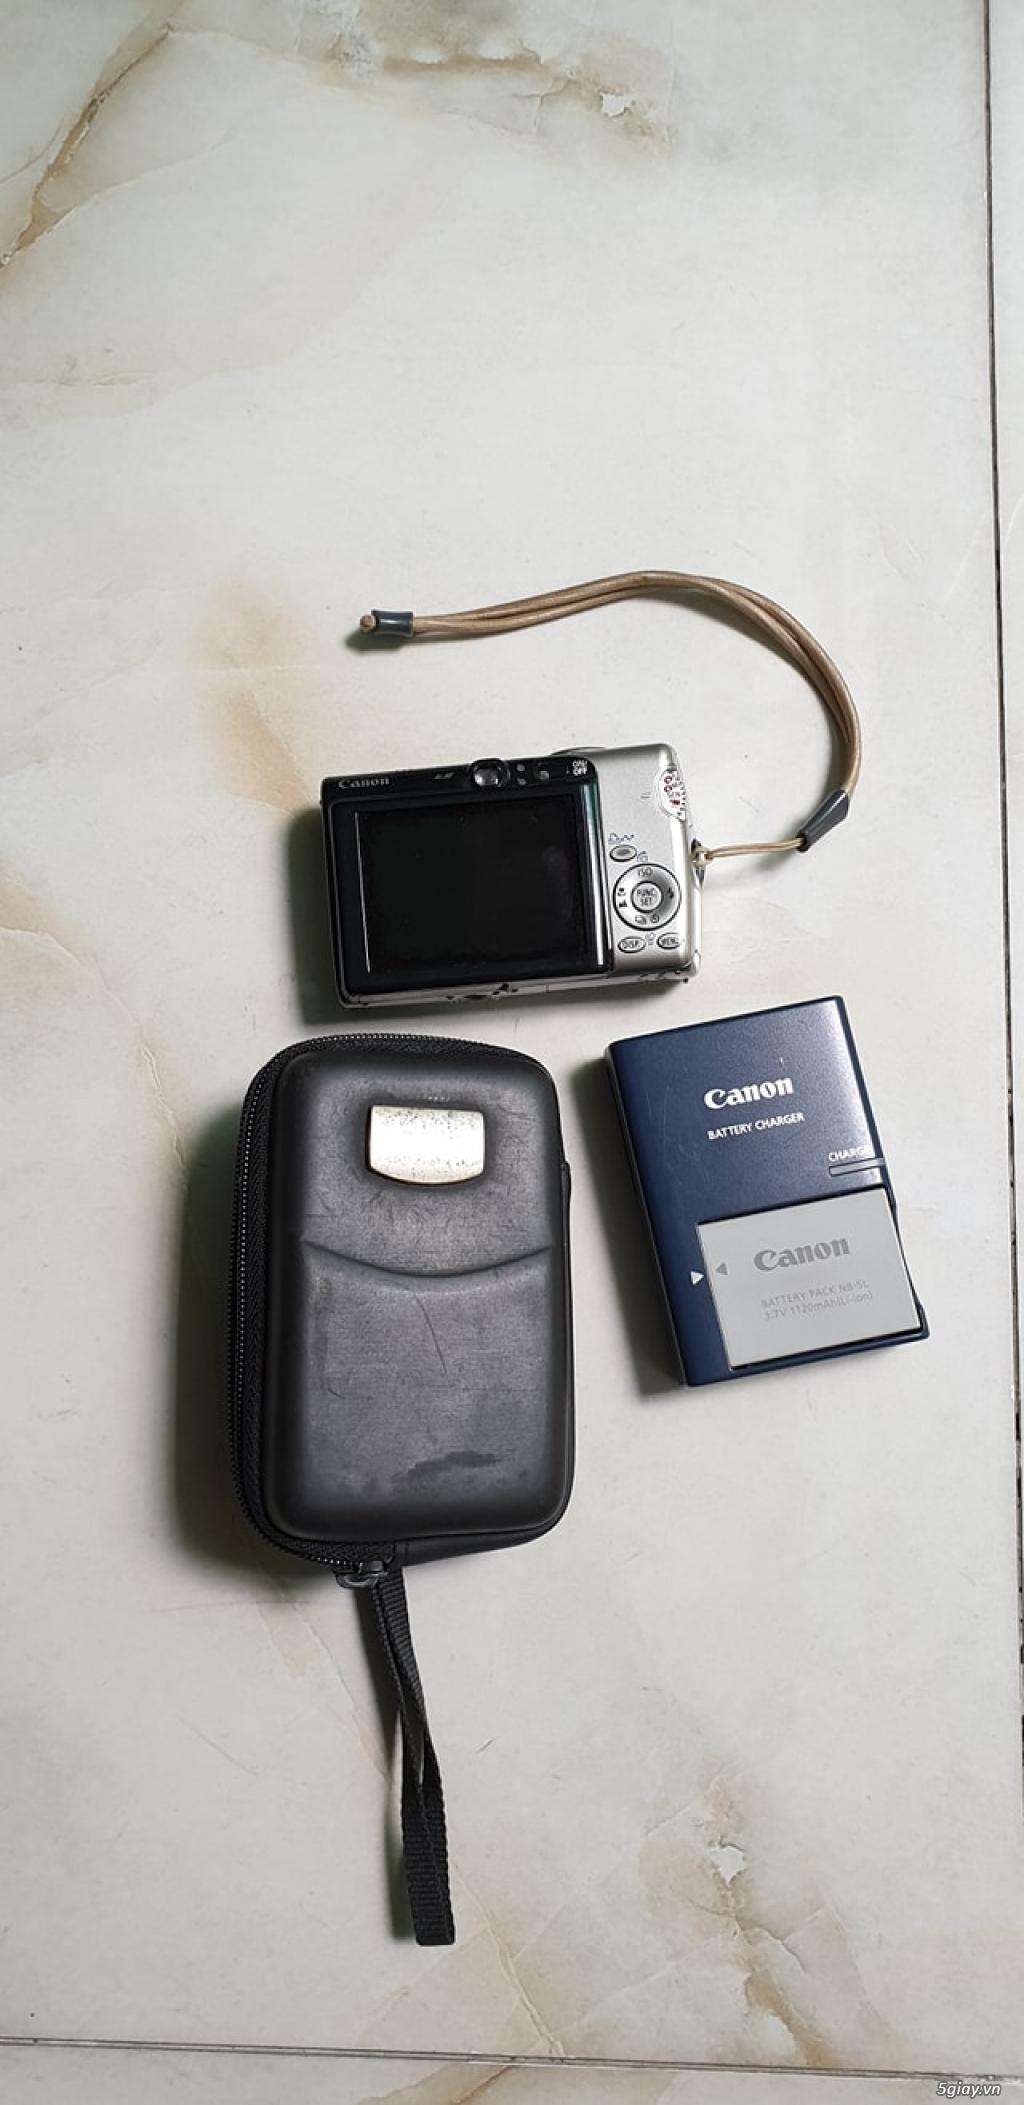 Bán máy ảnh Canon IXY 31 S và POWERSHOT SD700IS còn khá mới - 2